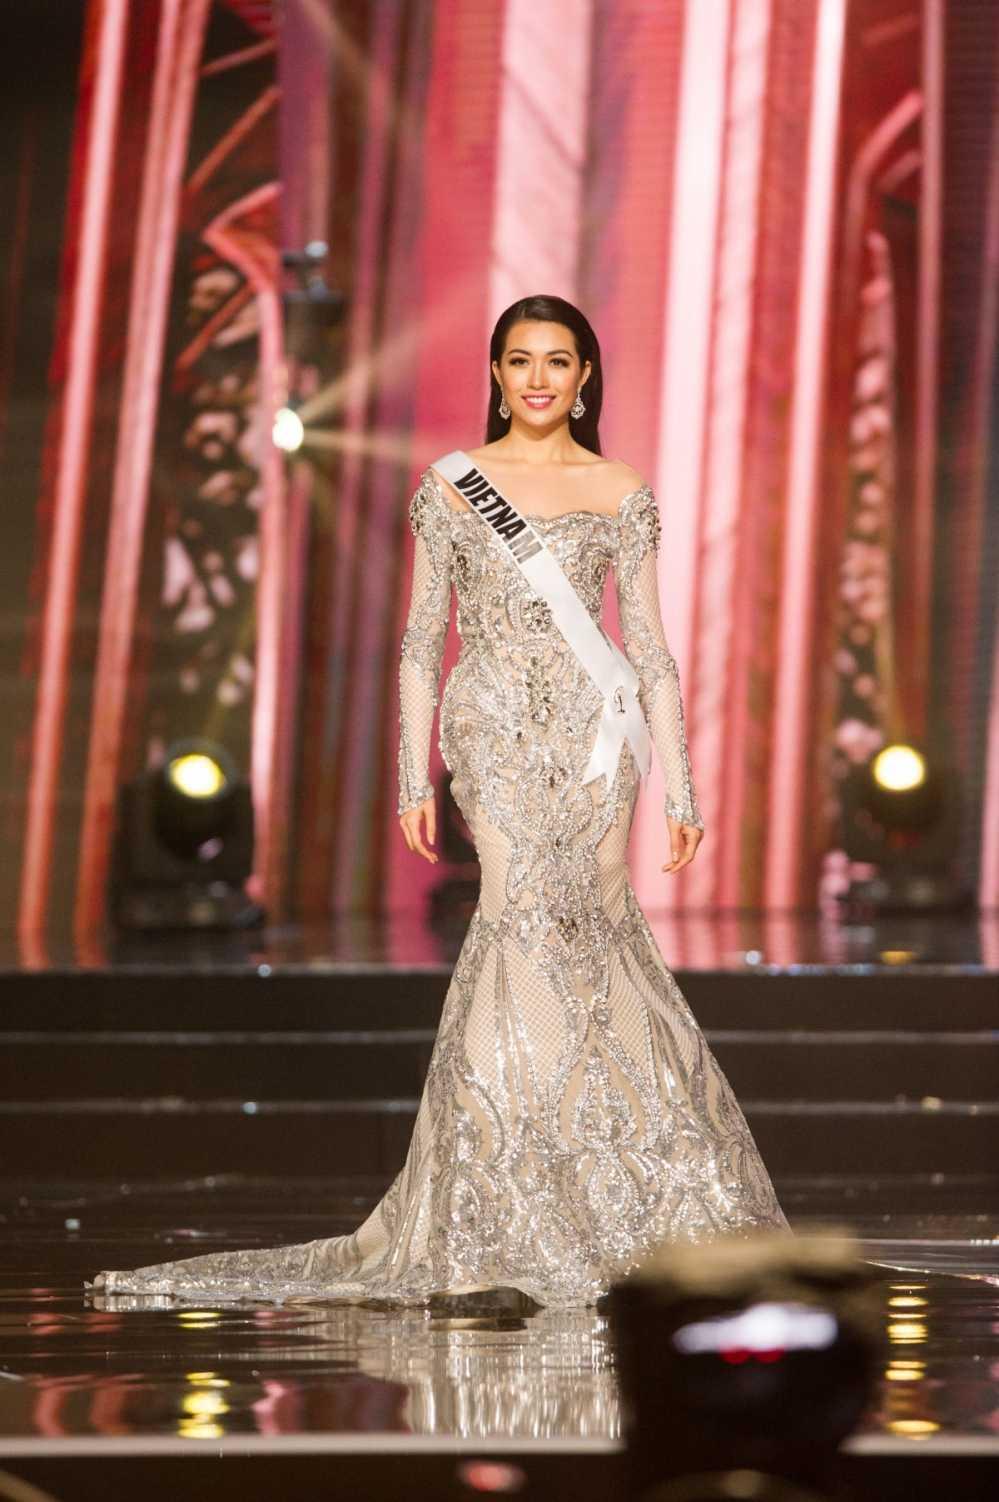 Le Hang toa sang trong dem ban ket 'Miss Universe 2016' hinh anh 3